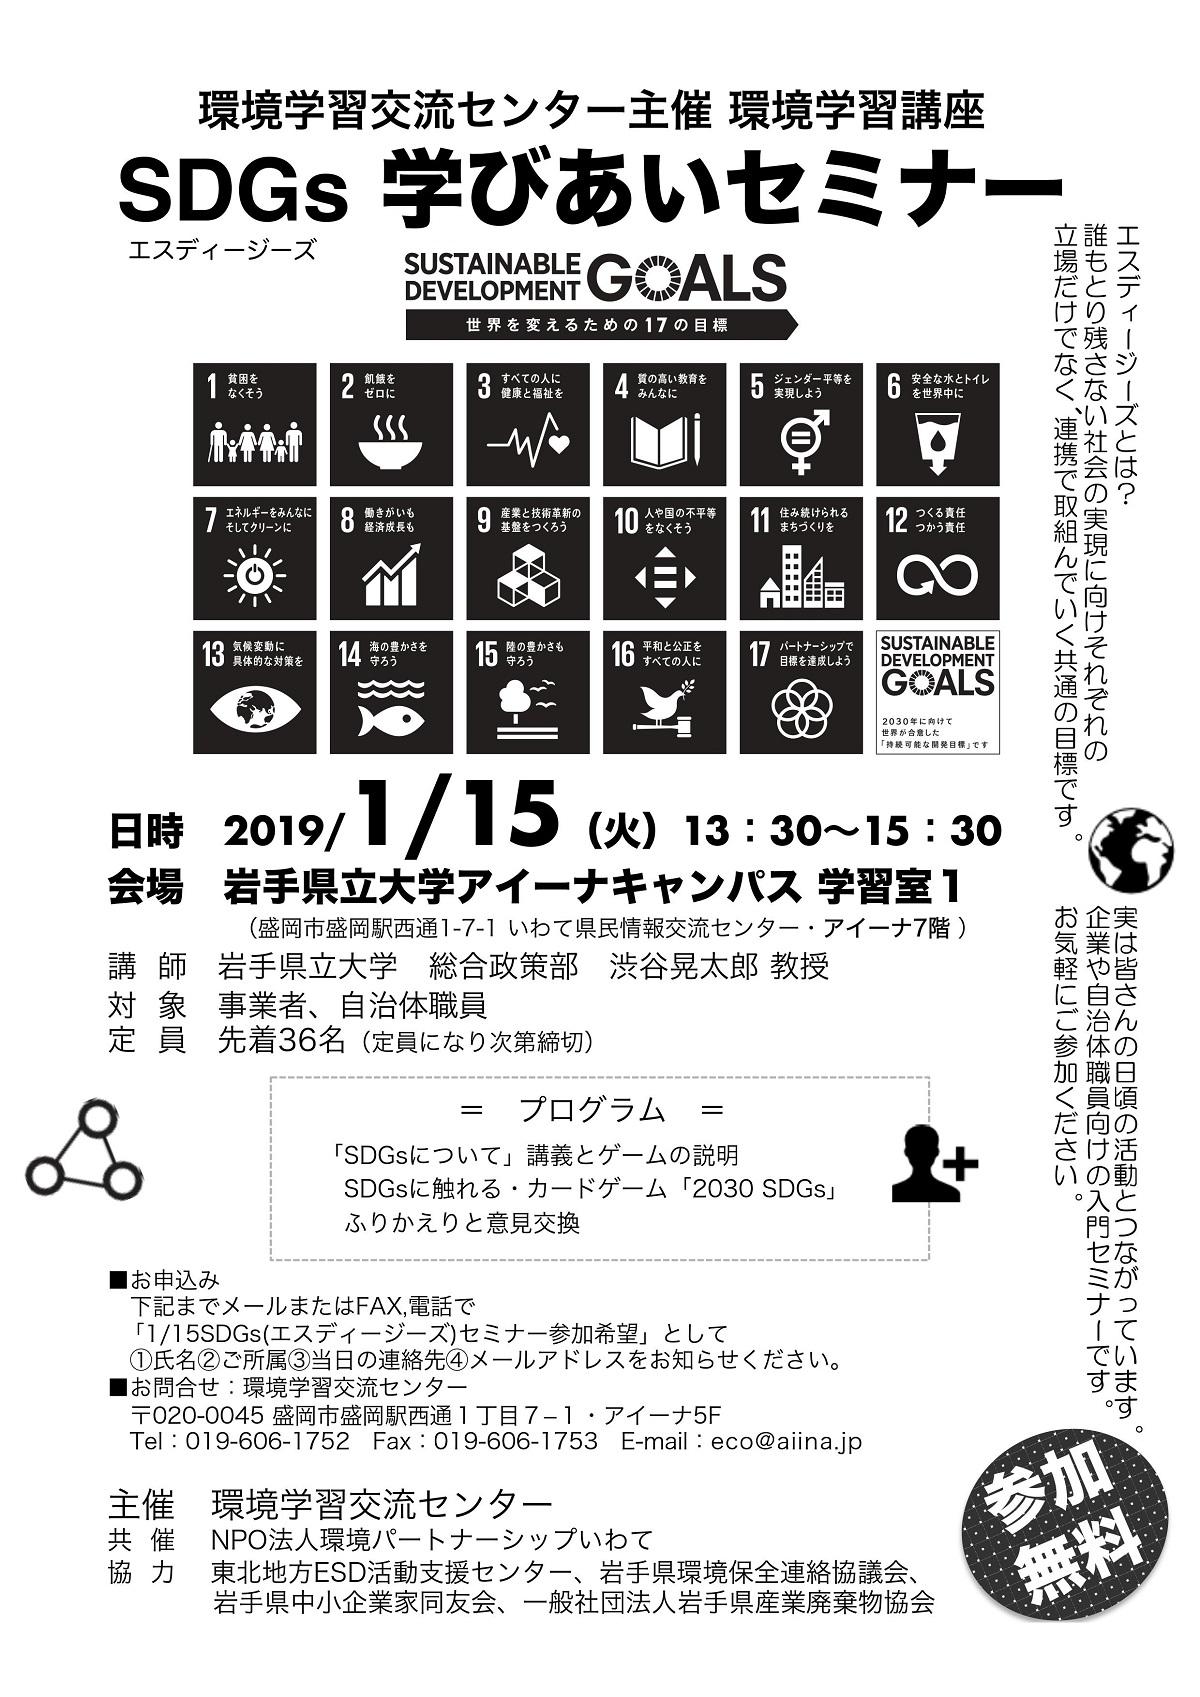 http://blog.iwate-eco.jp/2019/01/07/0001.jpg